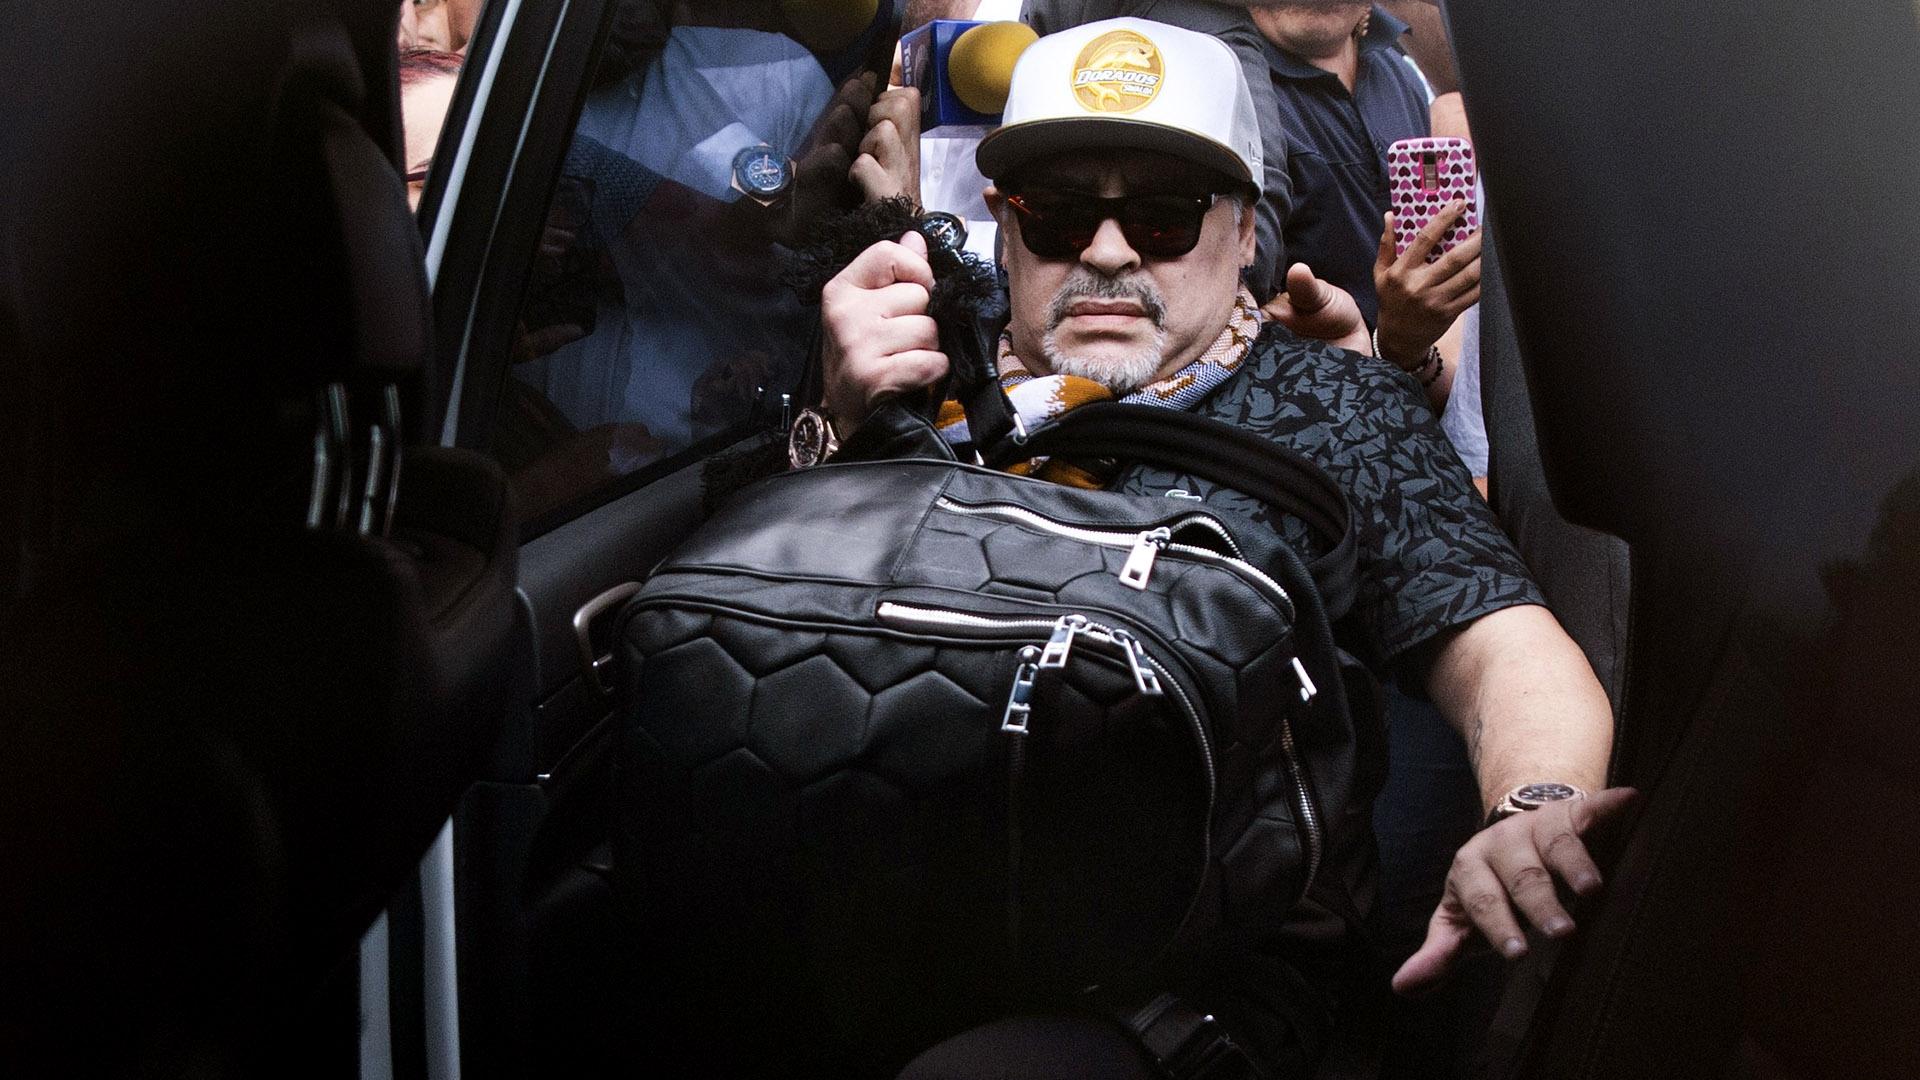 Pese a que el salario de Maradona es considerado de alto nivel, no será el DT mejor pagado en el fútbol mexicano, ya que será superado por el actual técnico interino de la Selección Mexicana, Ricardo Ferretti (AFP)